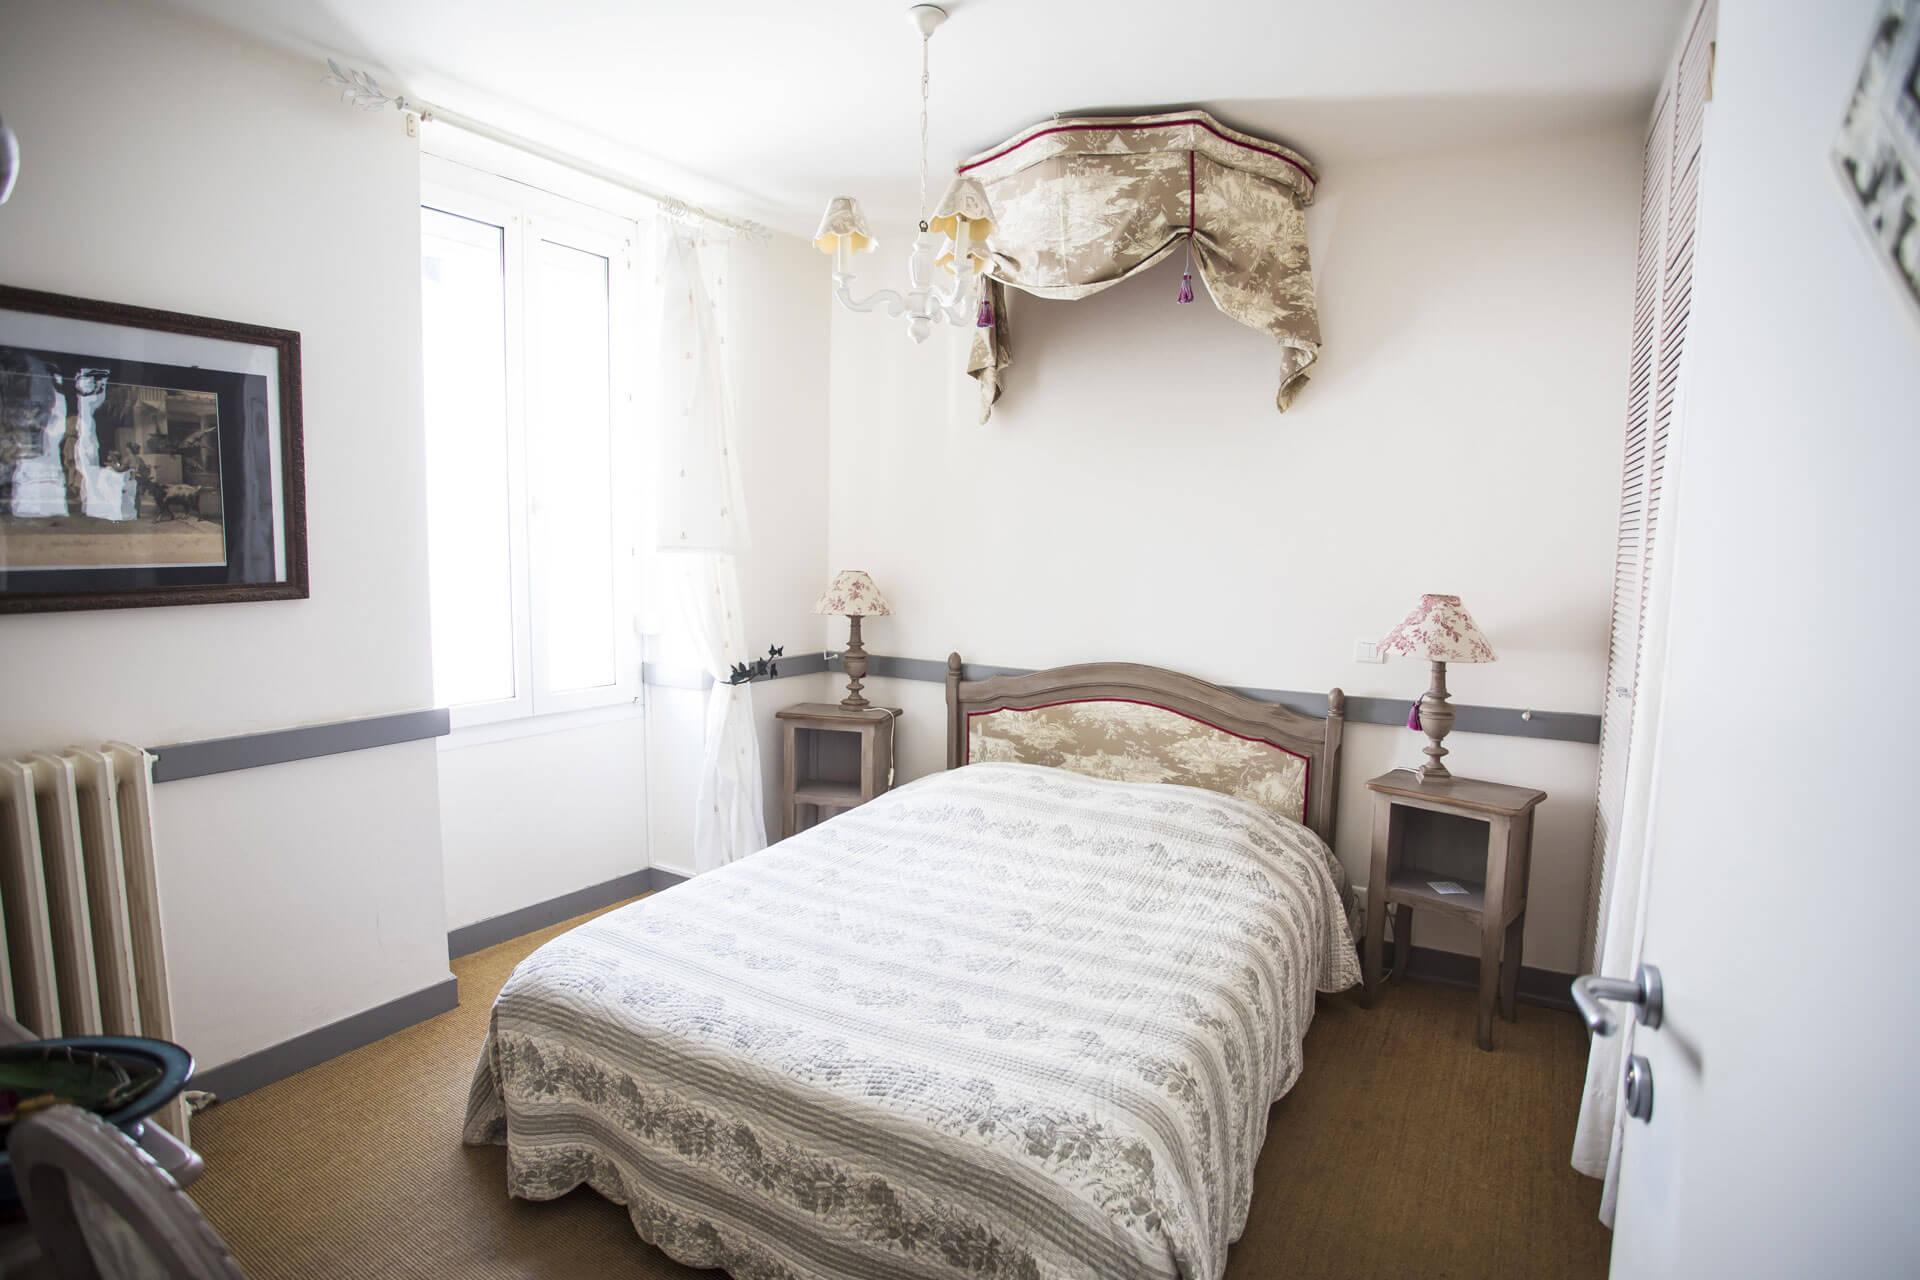 Chambre d'hôtel avec lit à baldaquin